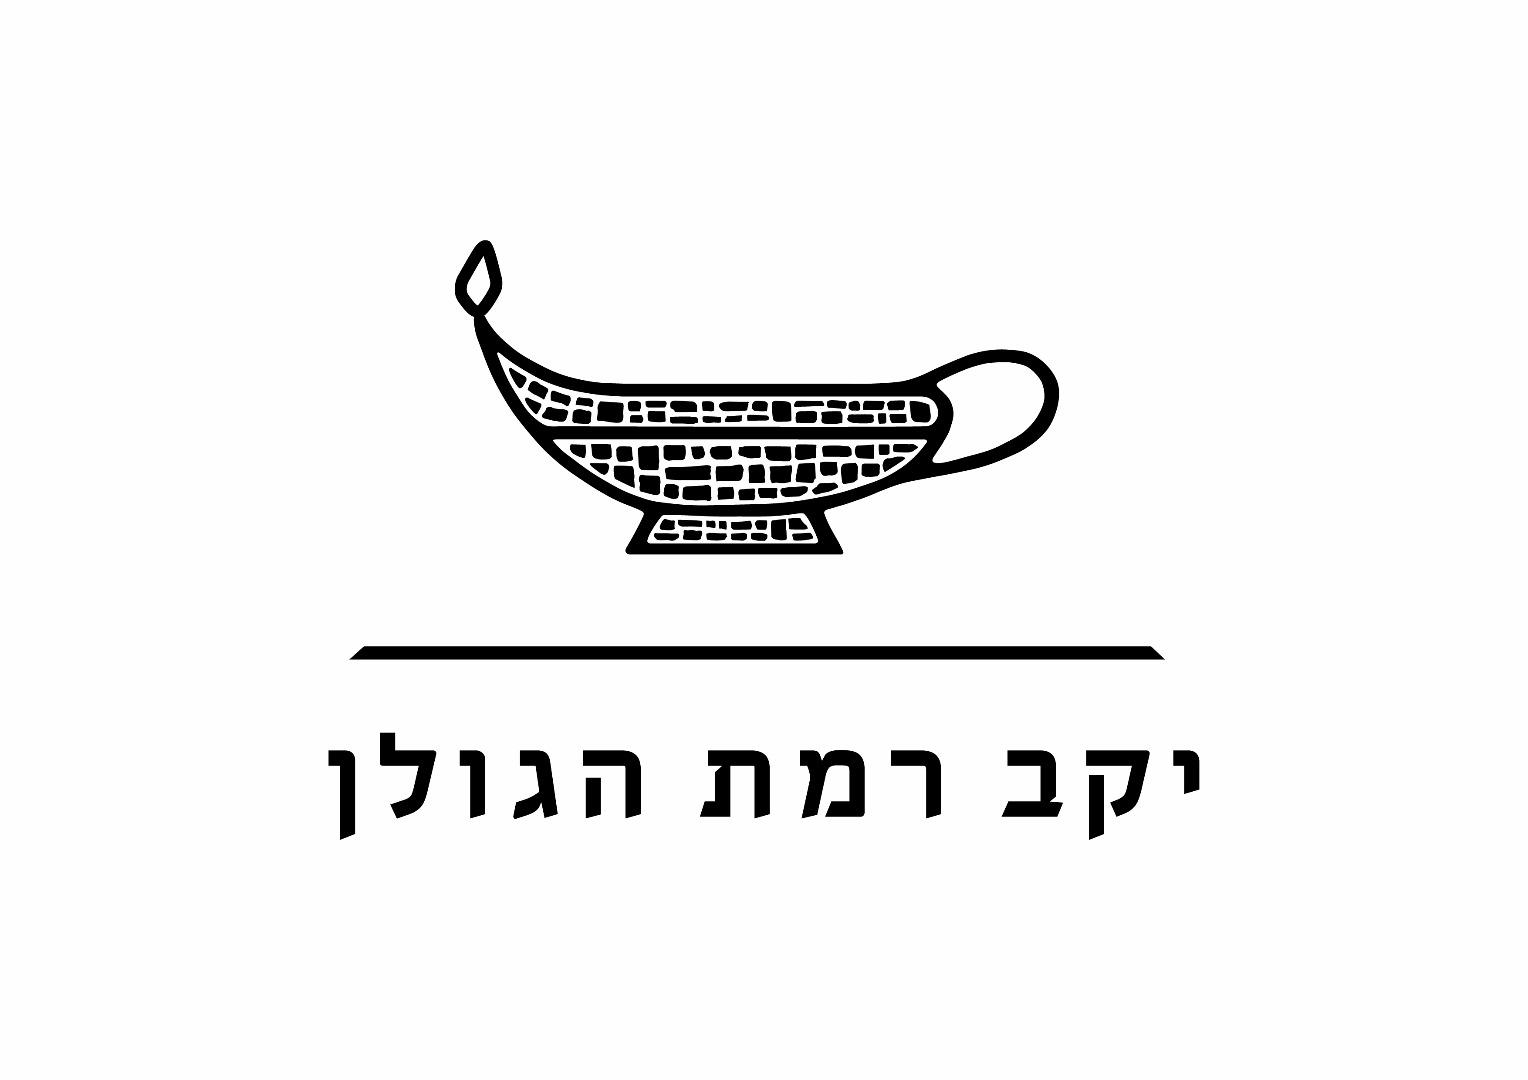 Partnership Company Logo Golan Heights Winery